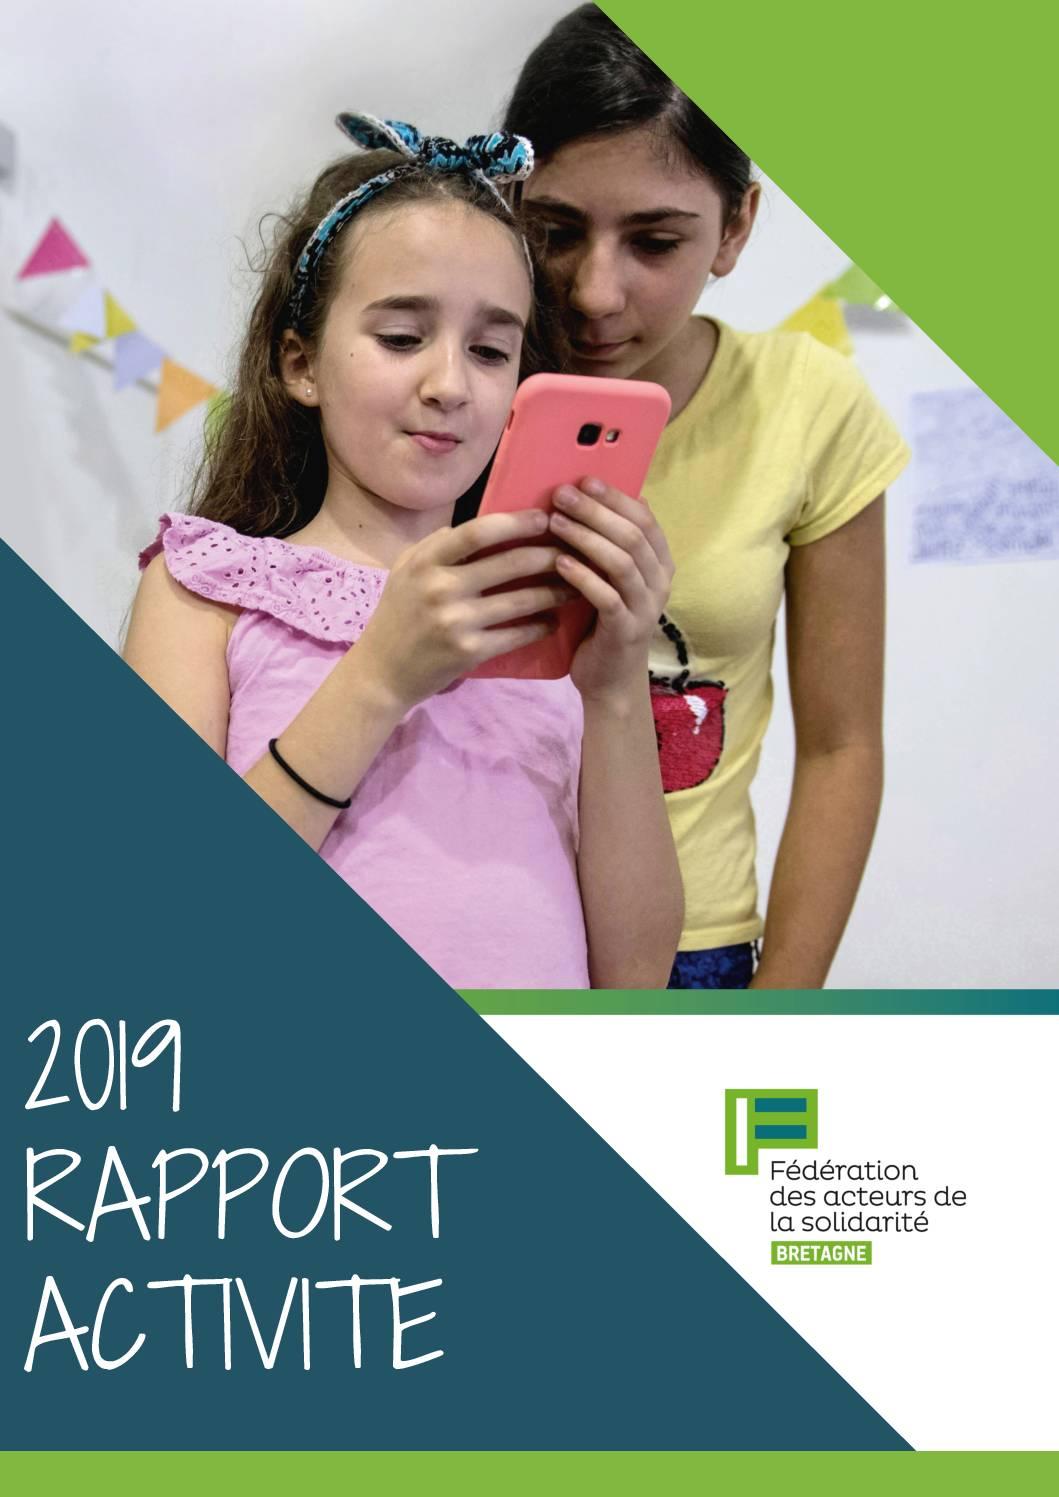 Rapport d'activité FAS Bretagne 2019